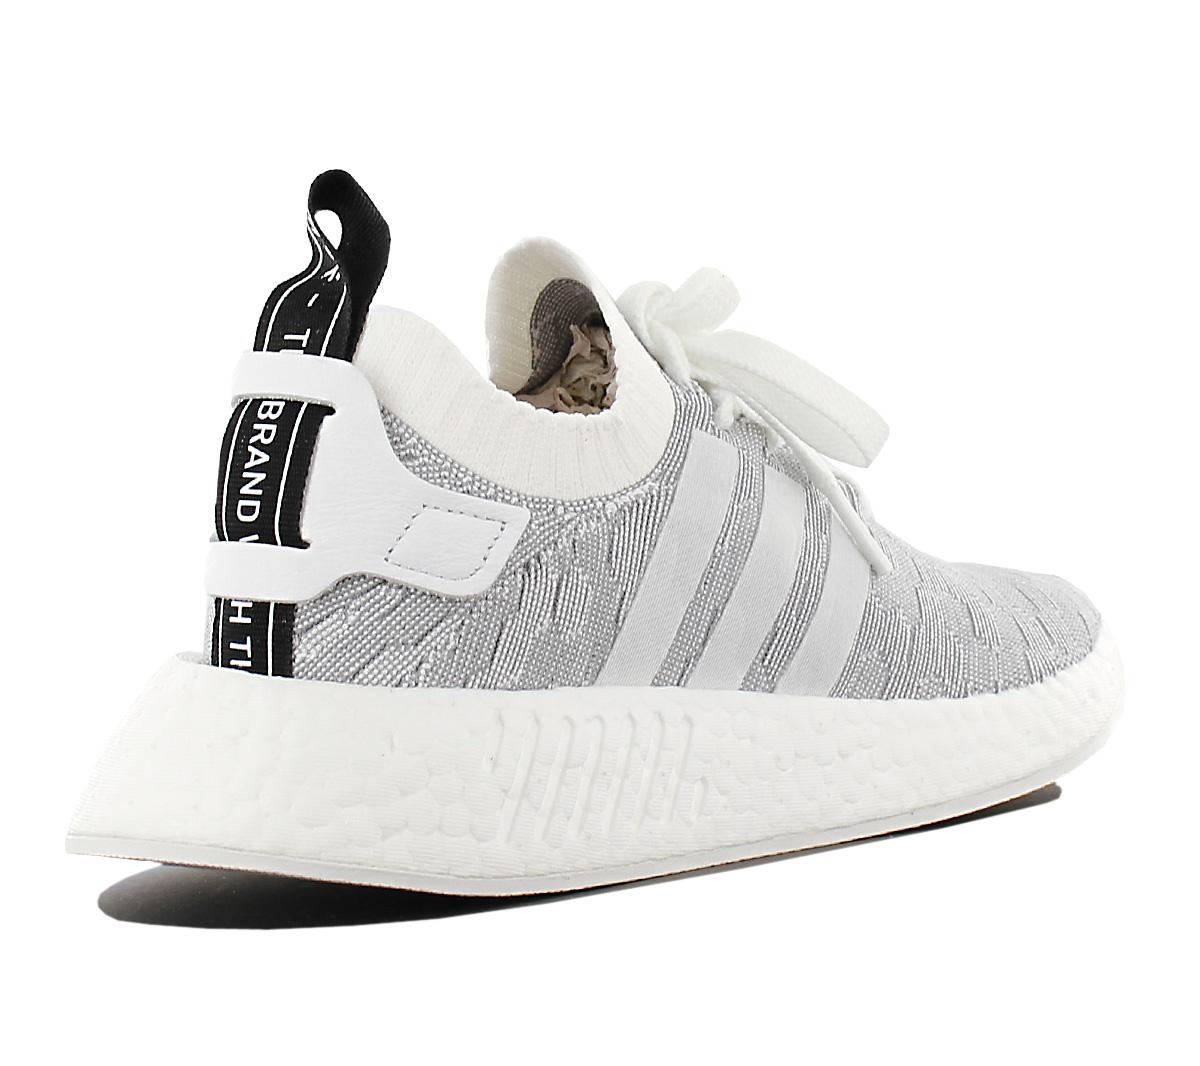 adidas Originals NMD R2 PK W BY9520 Damen Schuhe Weiß Grau